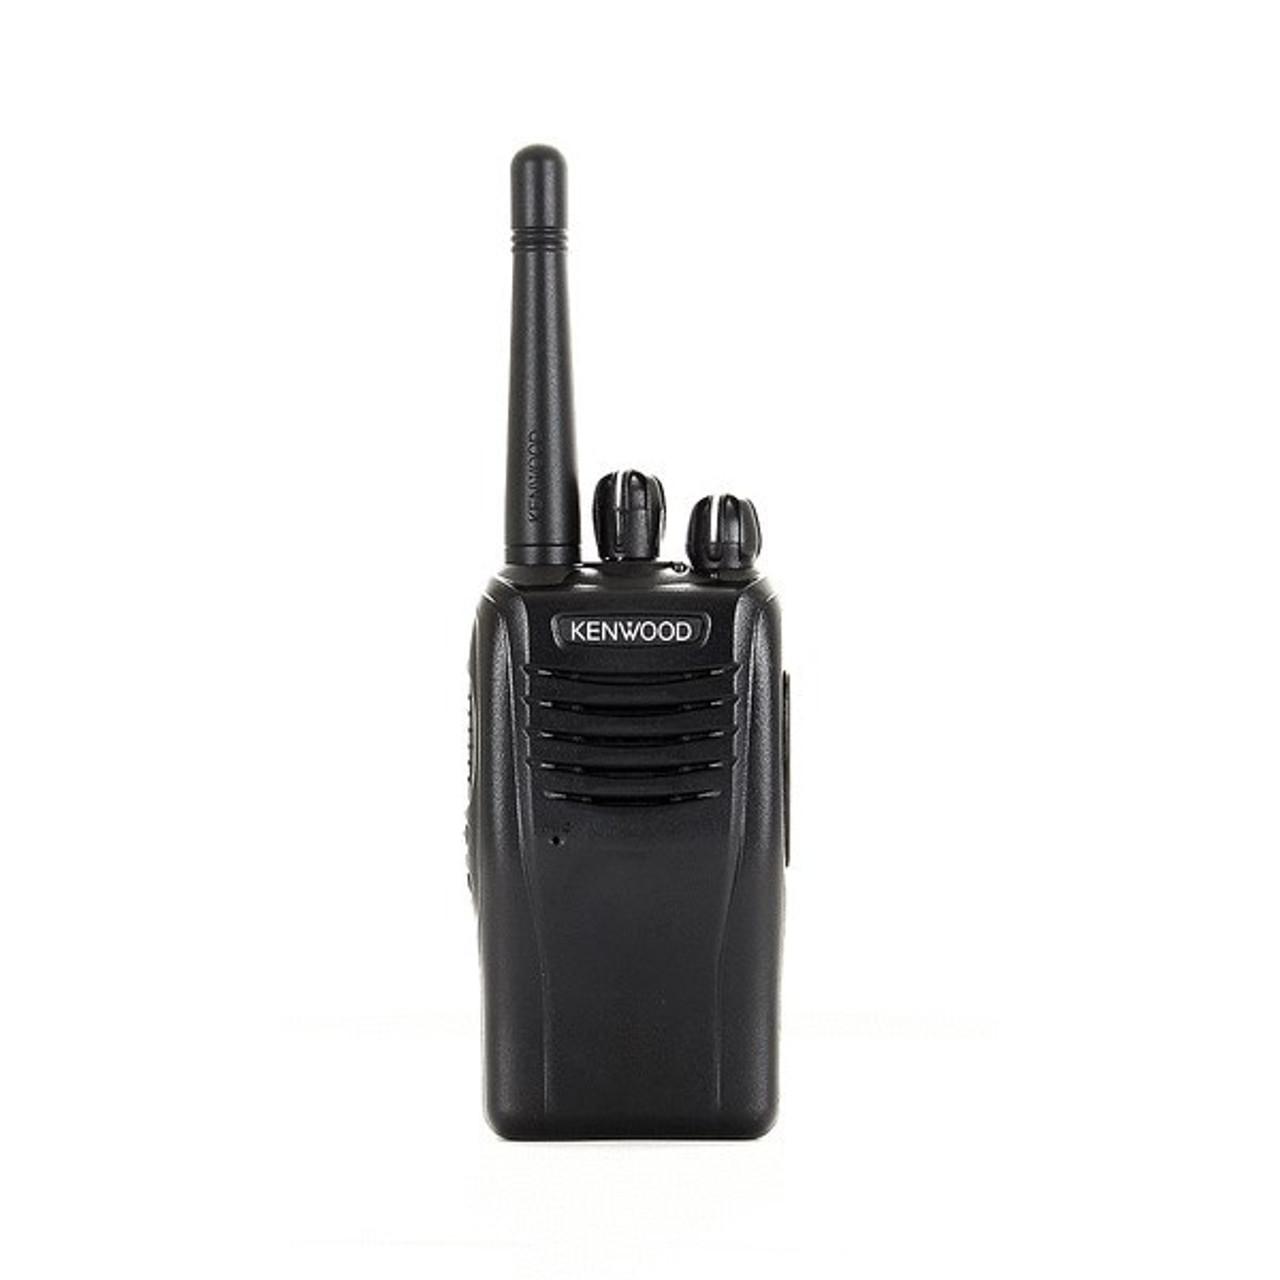 Kenwood TK-3360ISU16P UHF Intrinsically Safe Two Way Radio